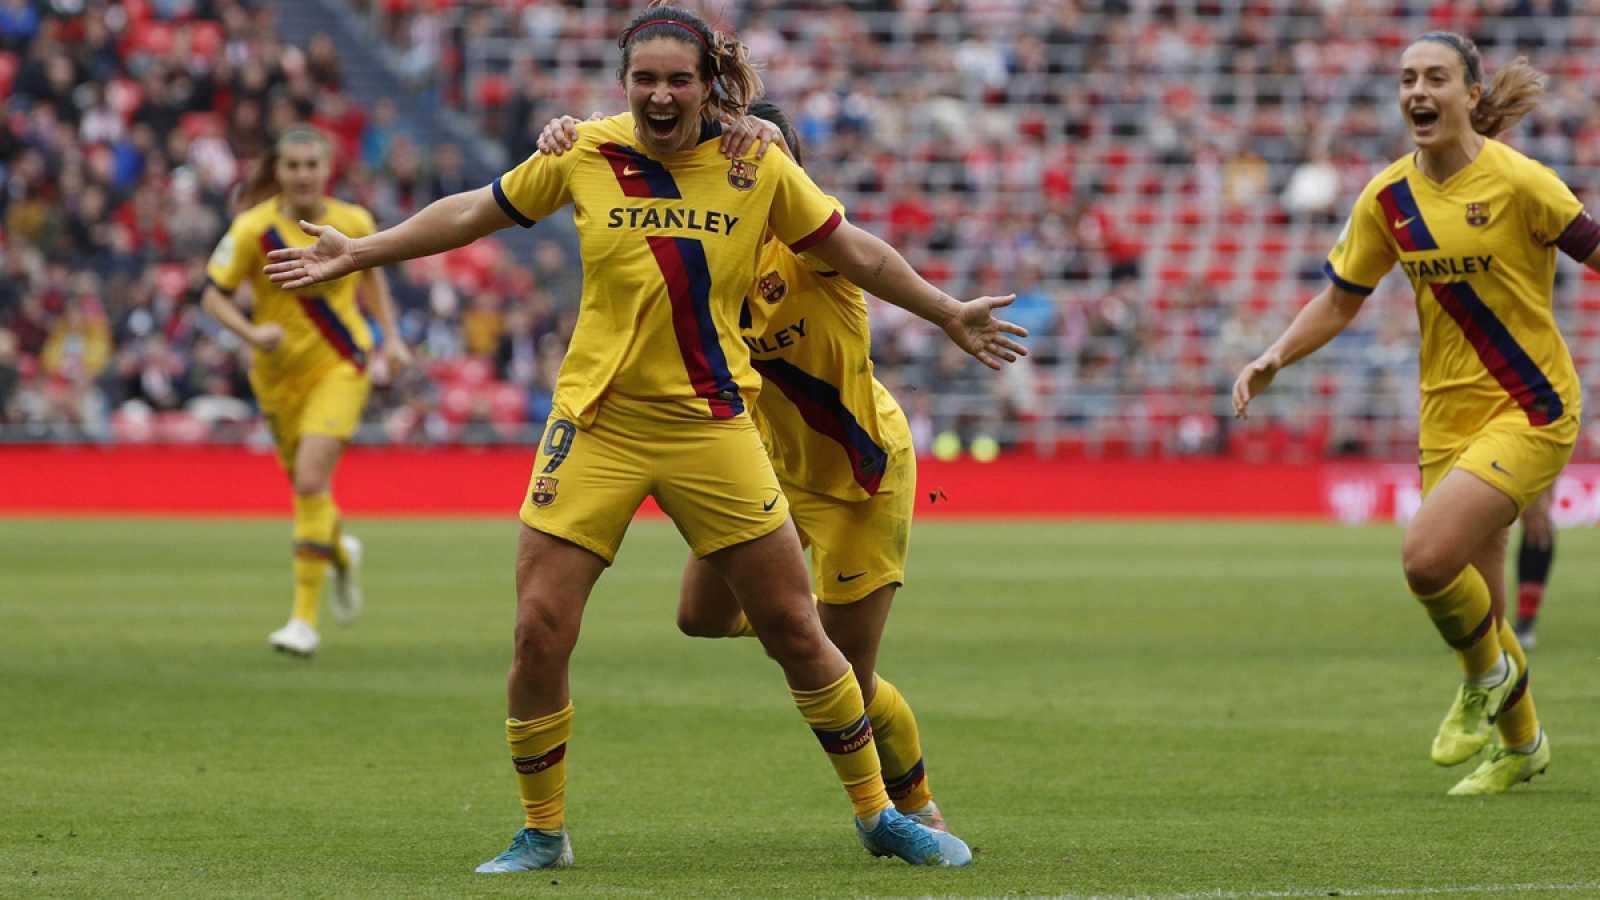 La delantera del Barcelona Mariona Caldentey (c), celebra su gol contra el Athletic